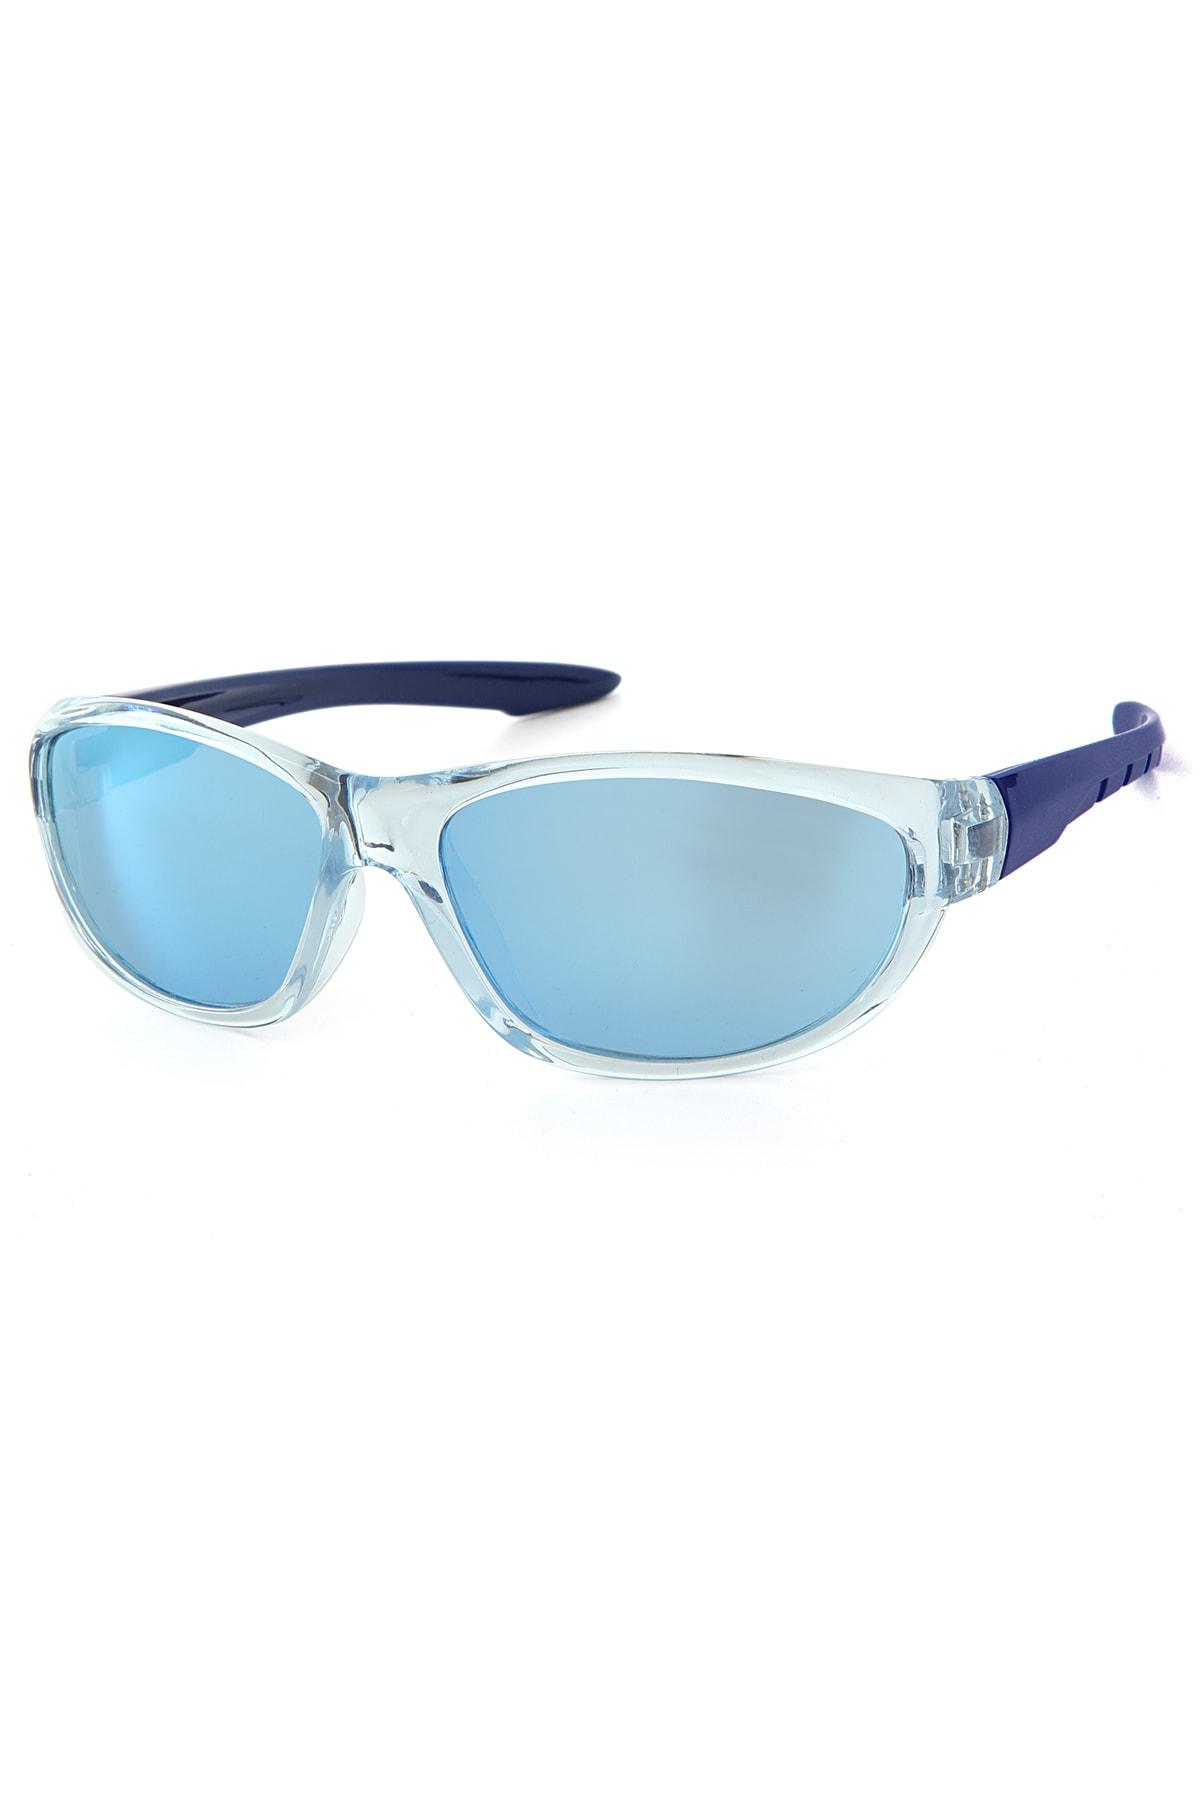 فروشگاه عینک آفتابی بچه گانه پسرانه سال ۹۹ برند Luis Polo رنگ آبی کد ty43237568